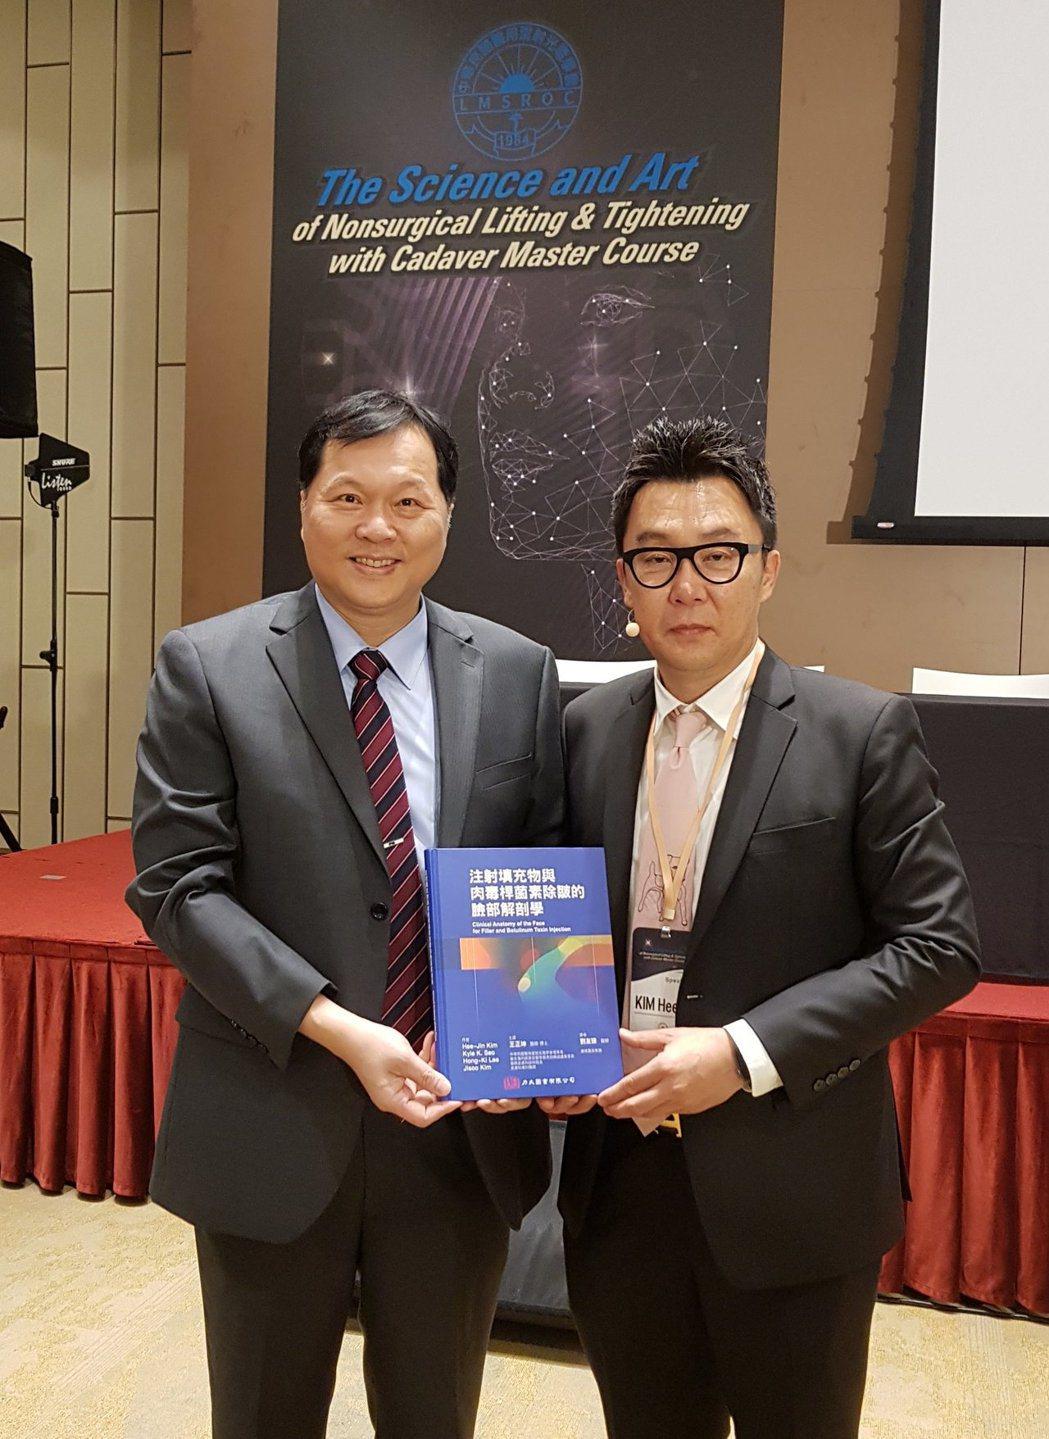 王正坤醫師(左)與英文版作者韓國金教授合影. 王正坤醫師/提供